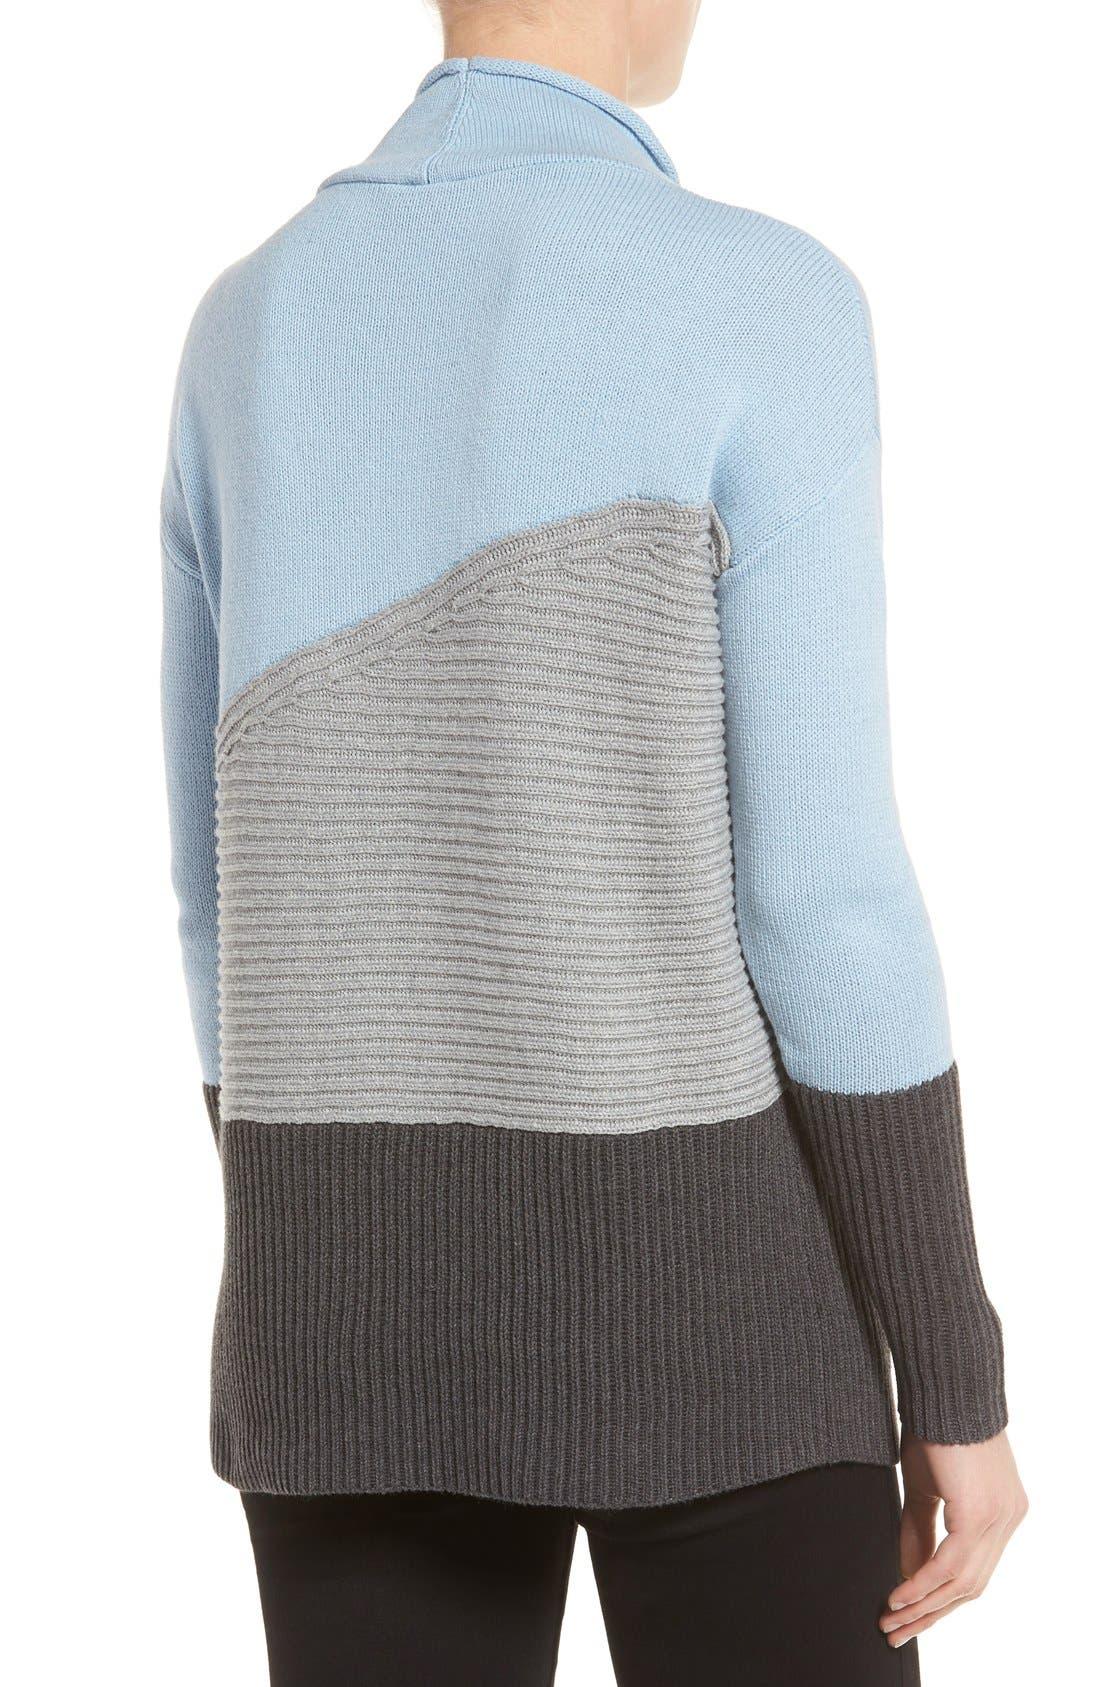 Alternate Image 2  - Vince Camuto Colorblock Turtleneck Sweater (Regular & Petite)